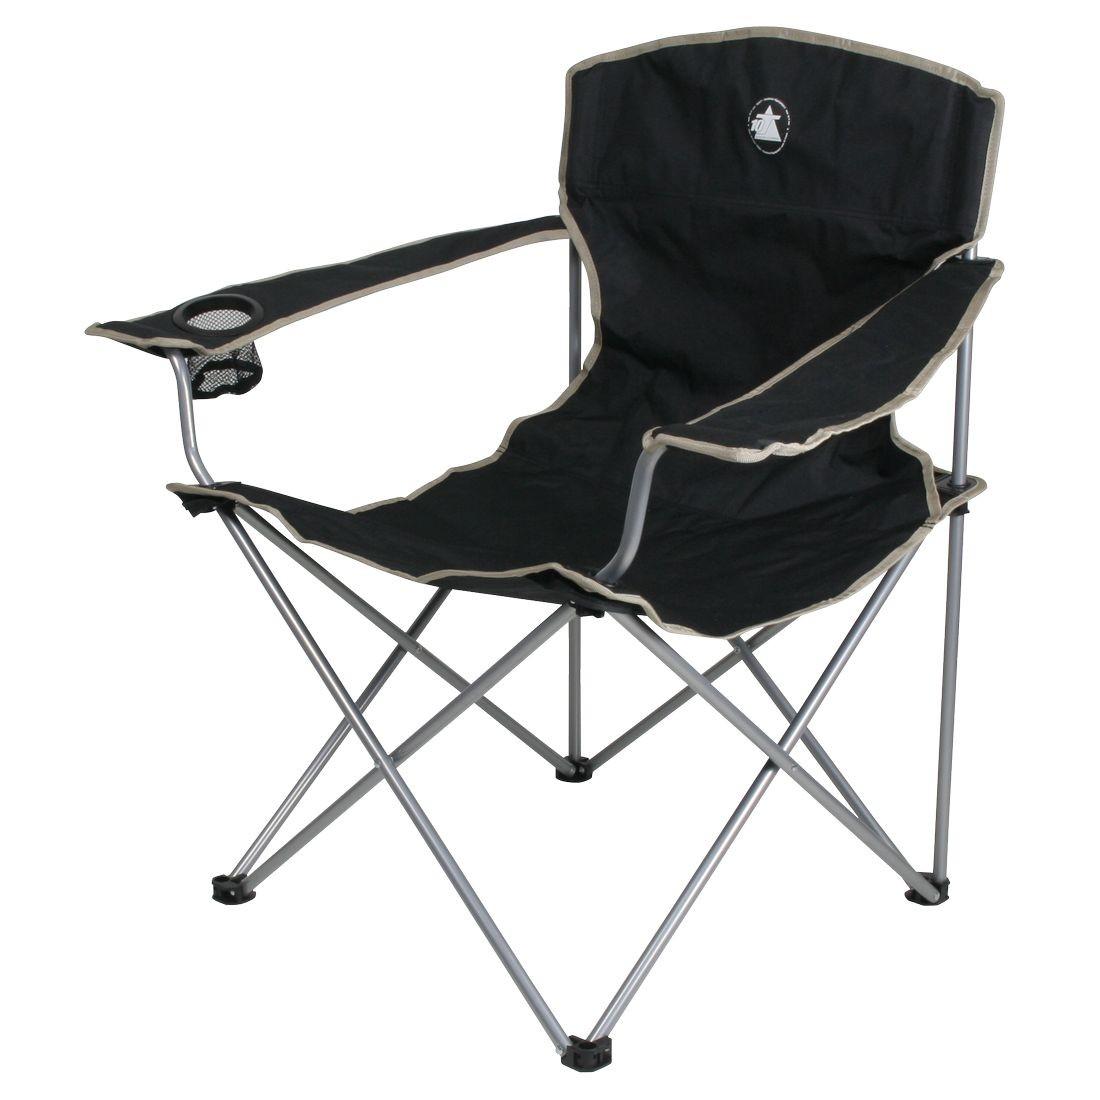 Comprar 10t quickfold easy silla de camping plegable - Silla camping plegable ...